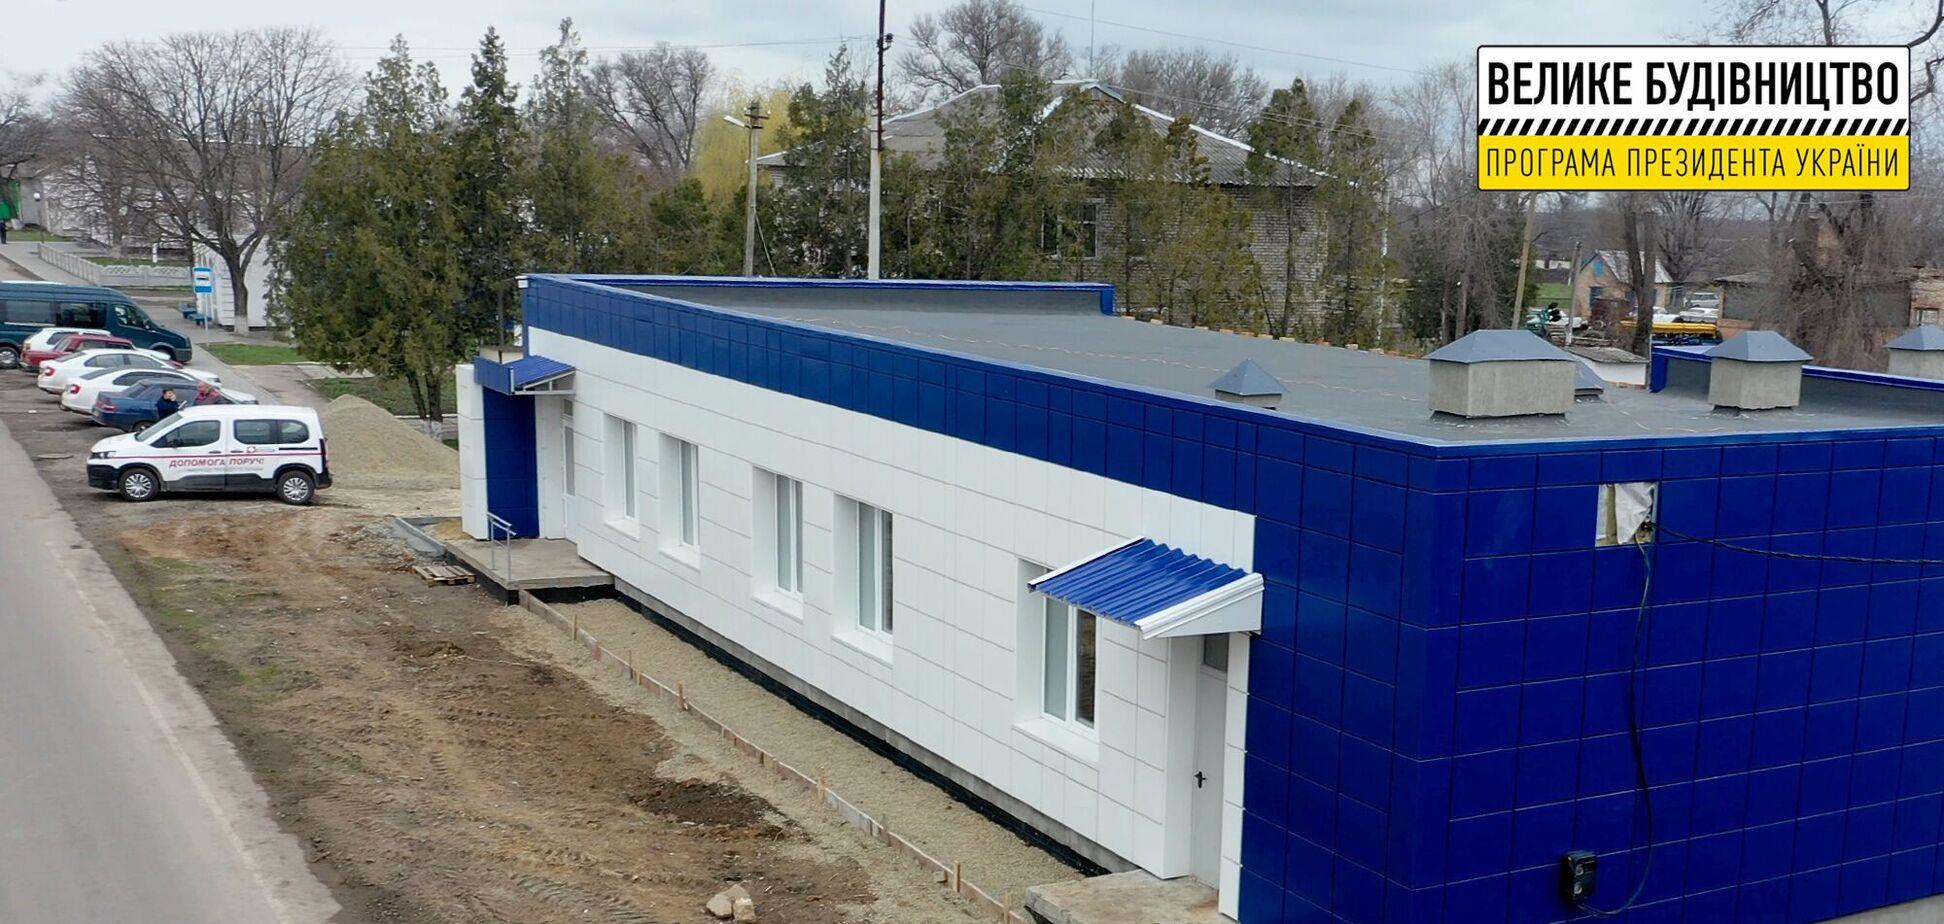 У мережі показали нову амбулаторію 'Великого будівництва', зведену з нуля на Дніпропетровщині